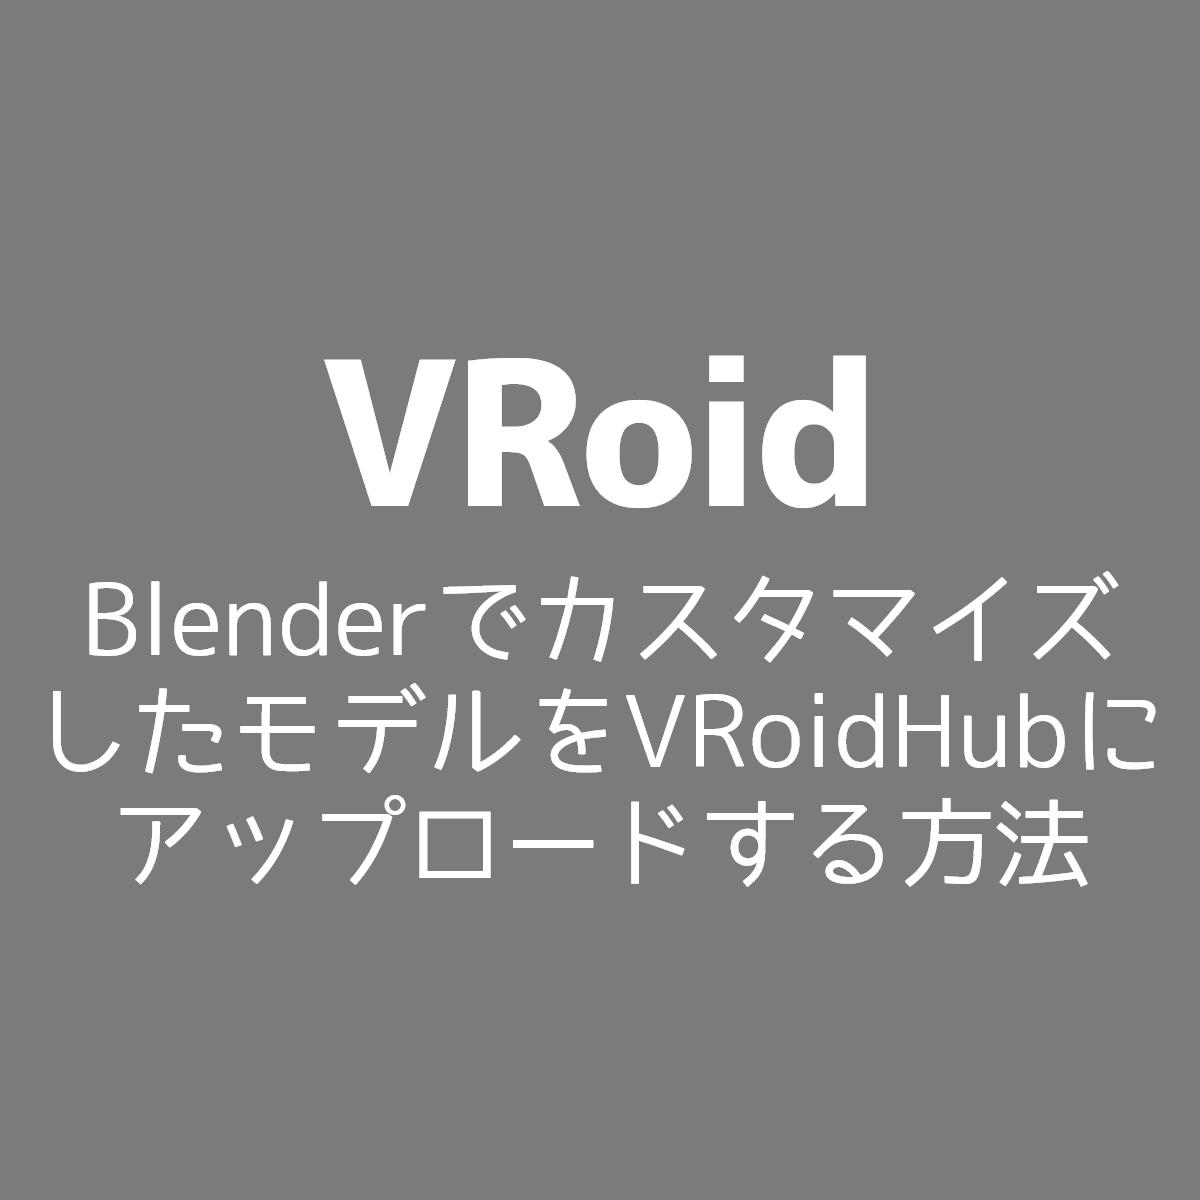 vroid-blender-customize-upload-vroidhub